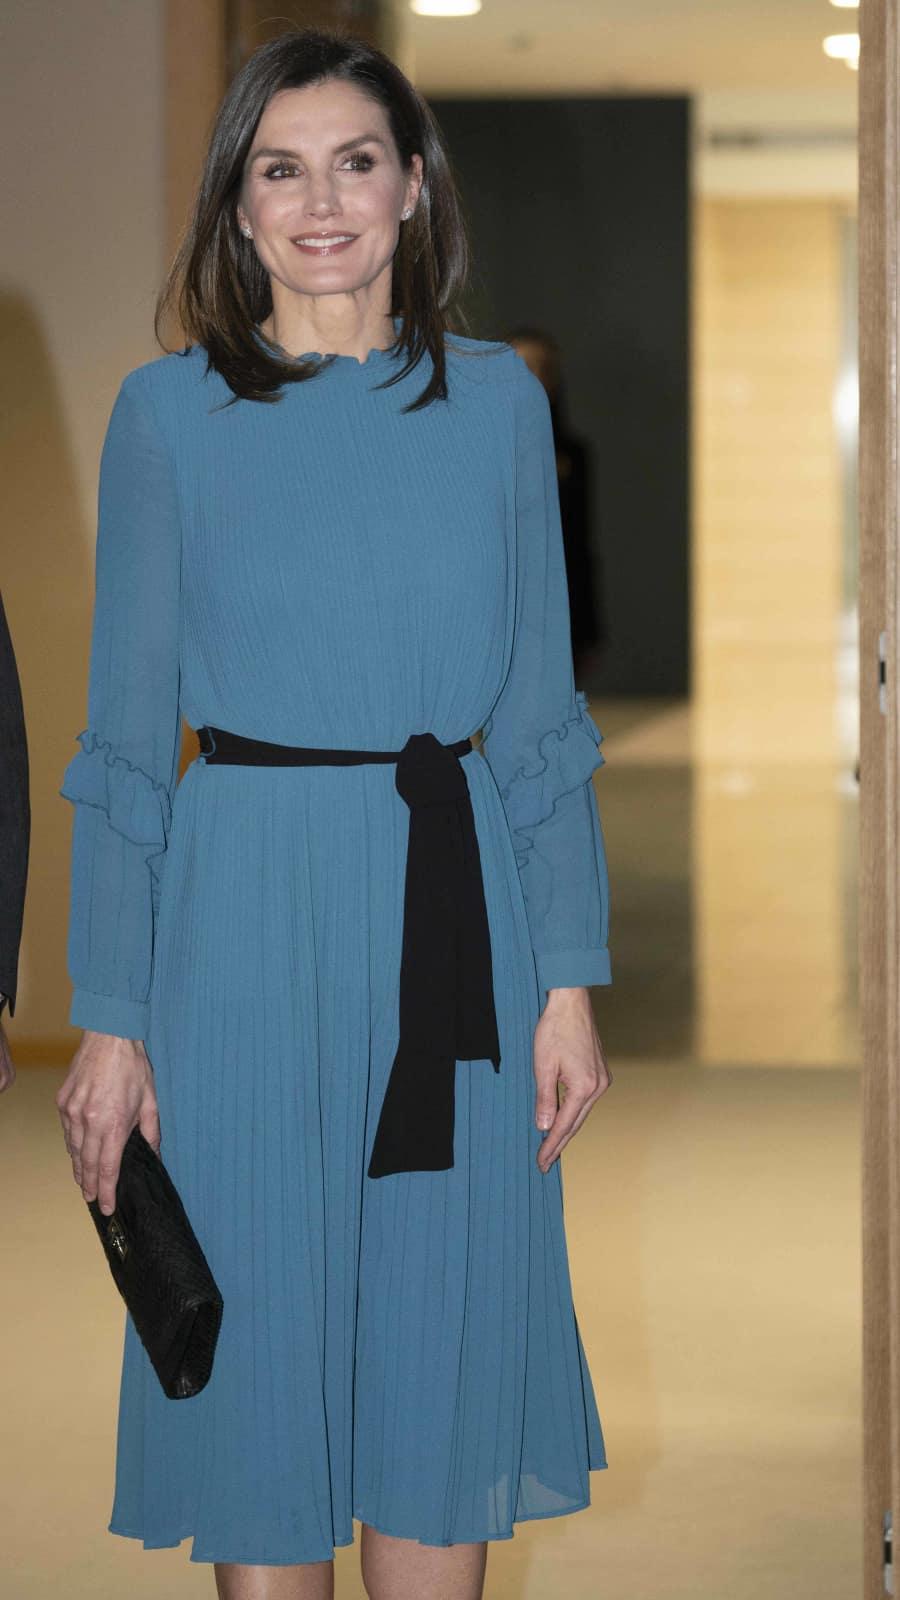 Langes Blaues Kleid Zara  Atlanta 2021